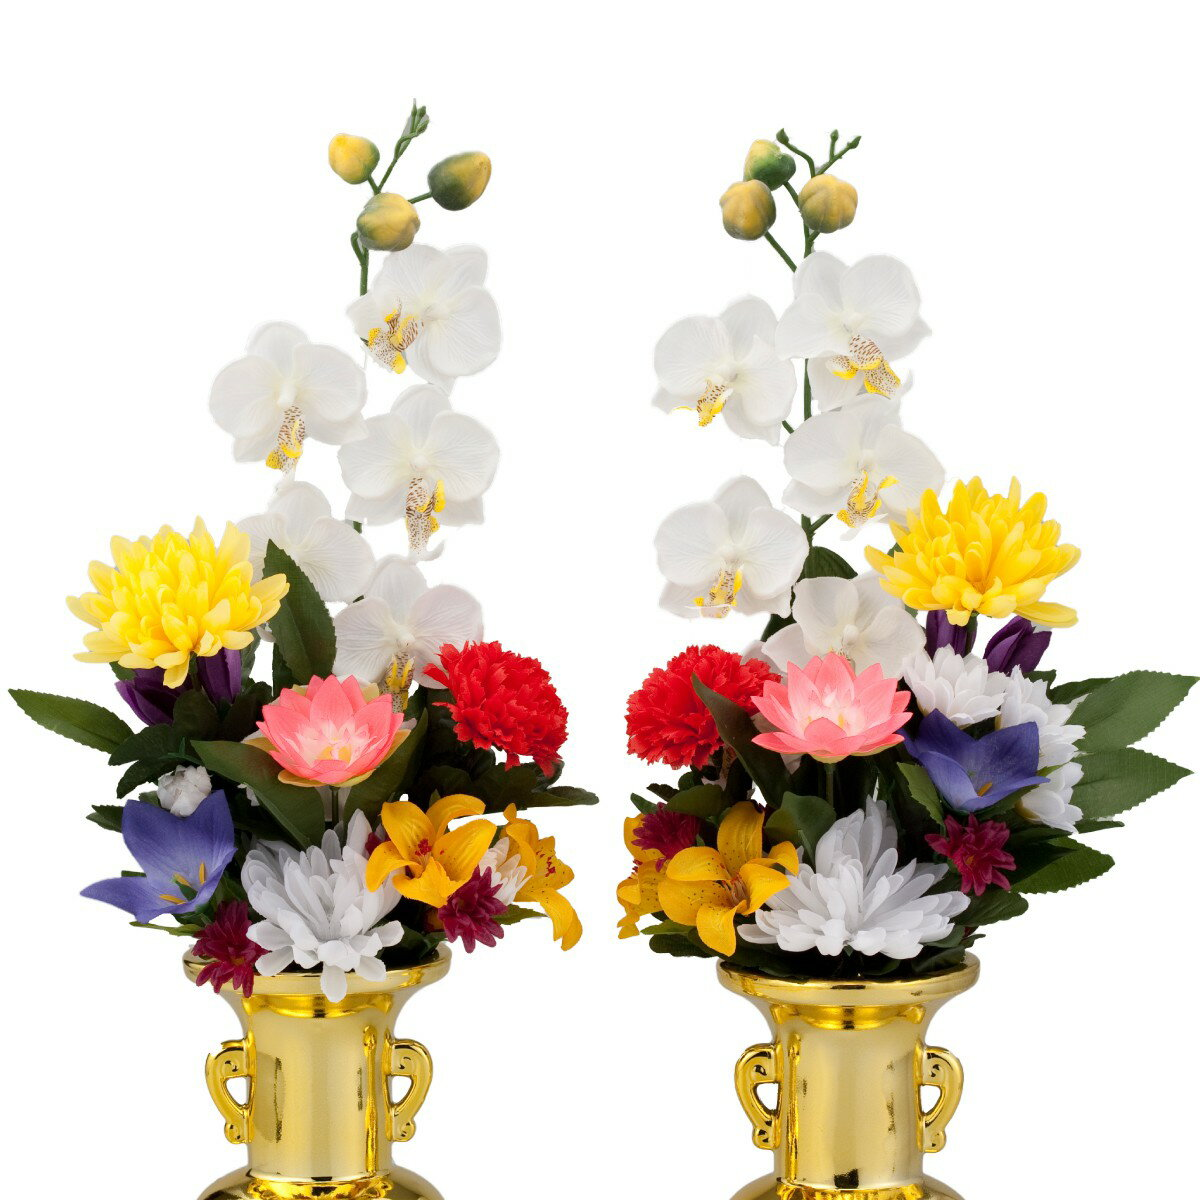 仏花 枯れない 造花「まごころ」 一対(胡蝶蘭付) 1288 アイデア 便利